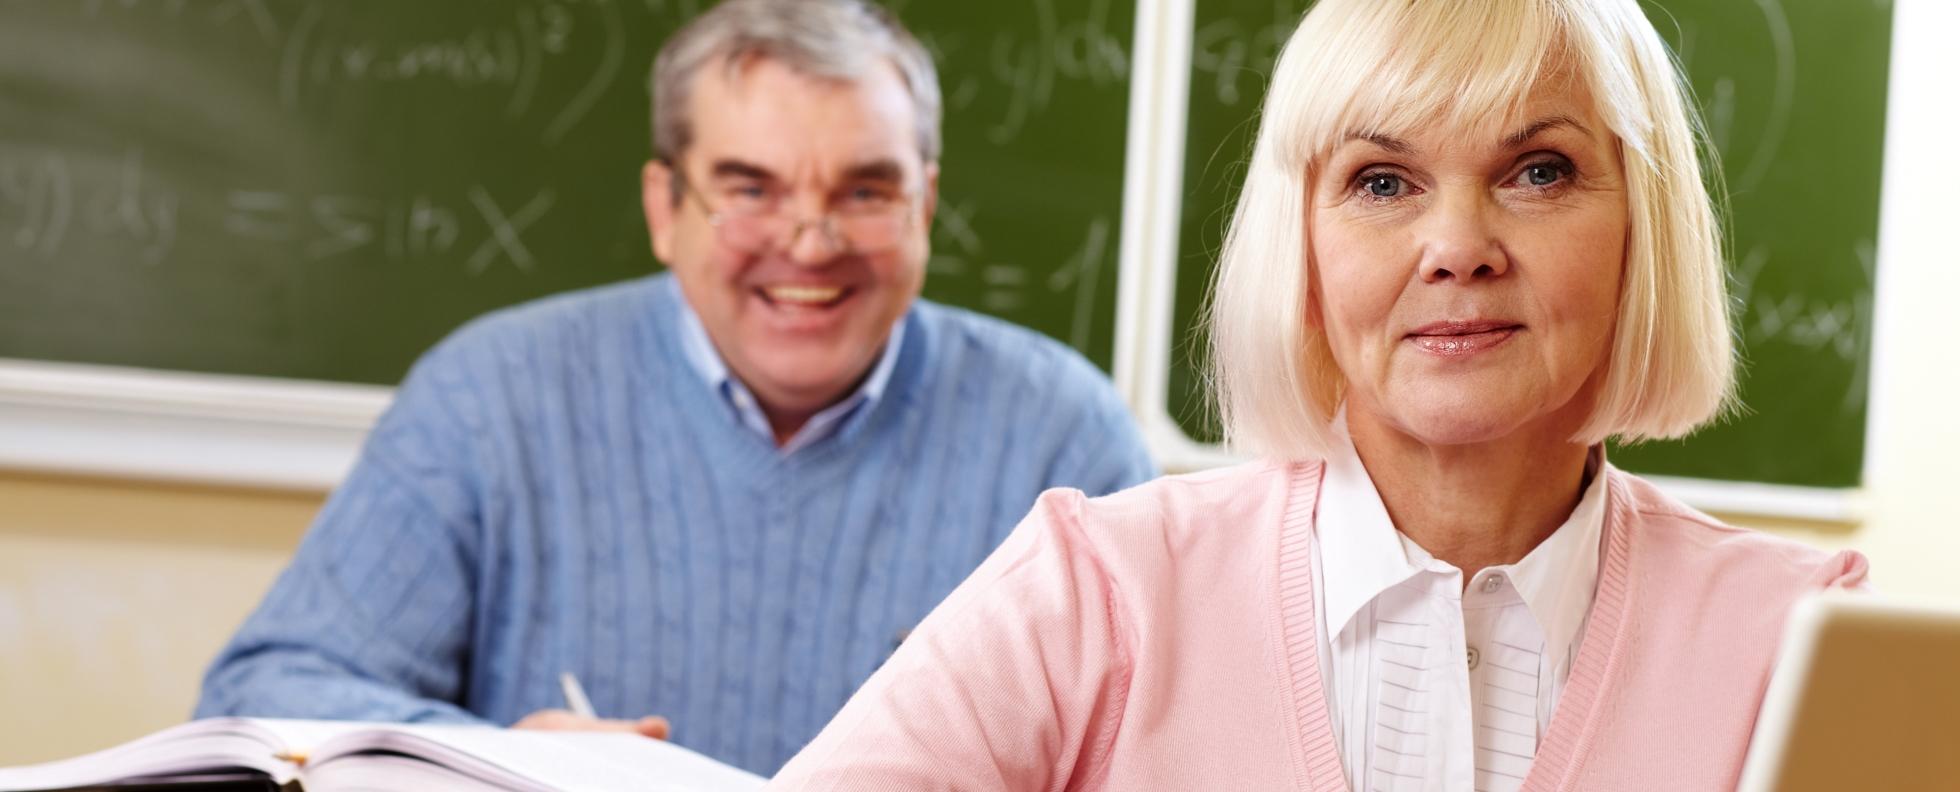 Szakképzés - jeles bizonyítványt kapott Debrecenben egy 77 éves diák